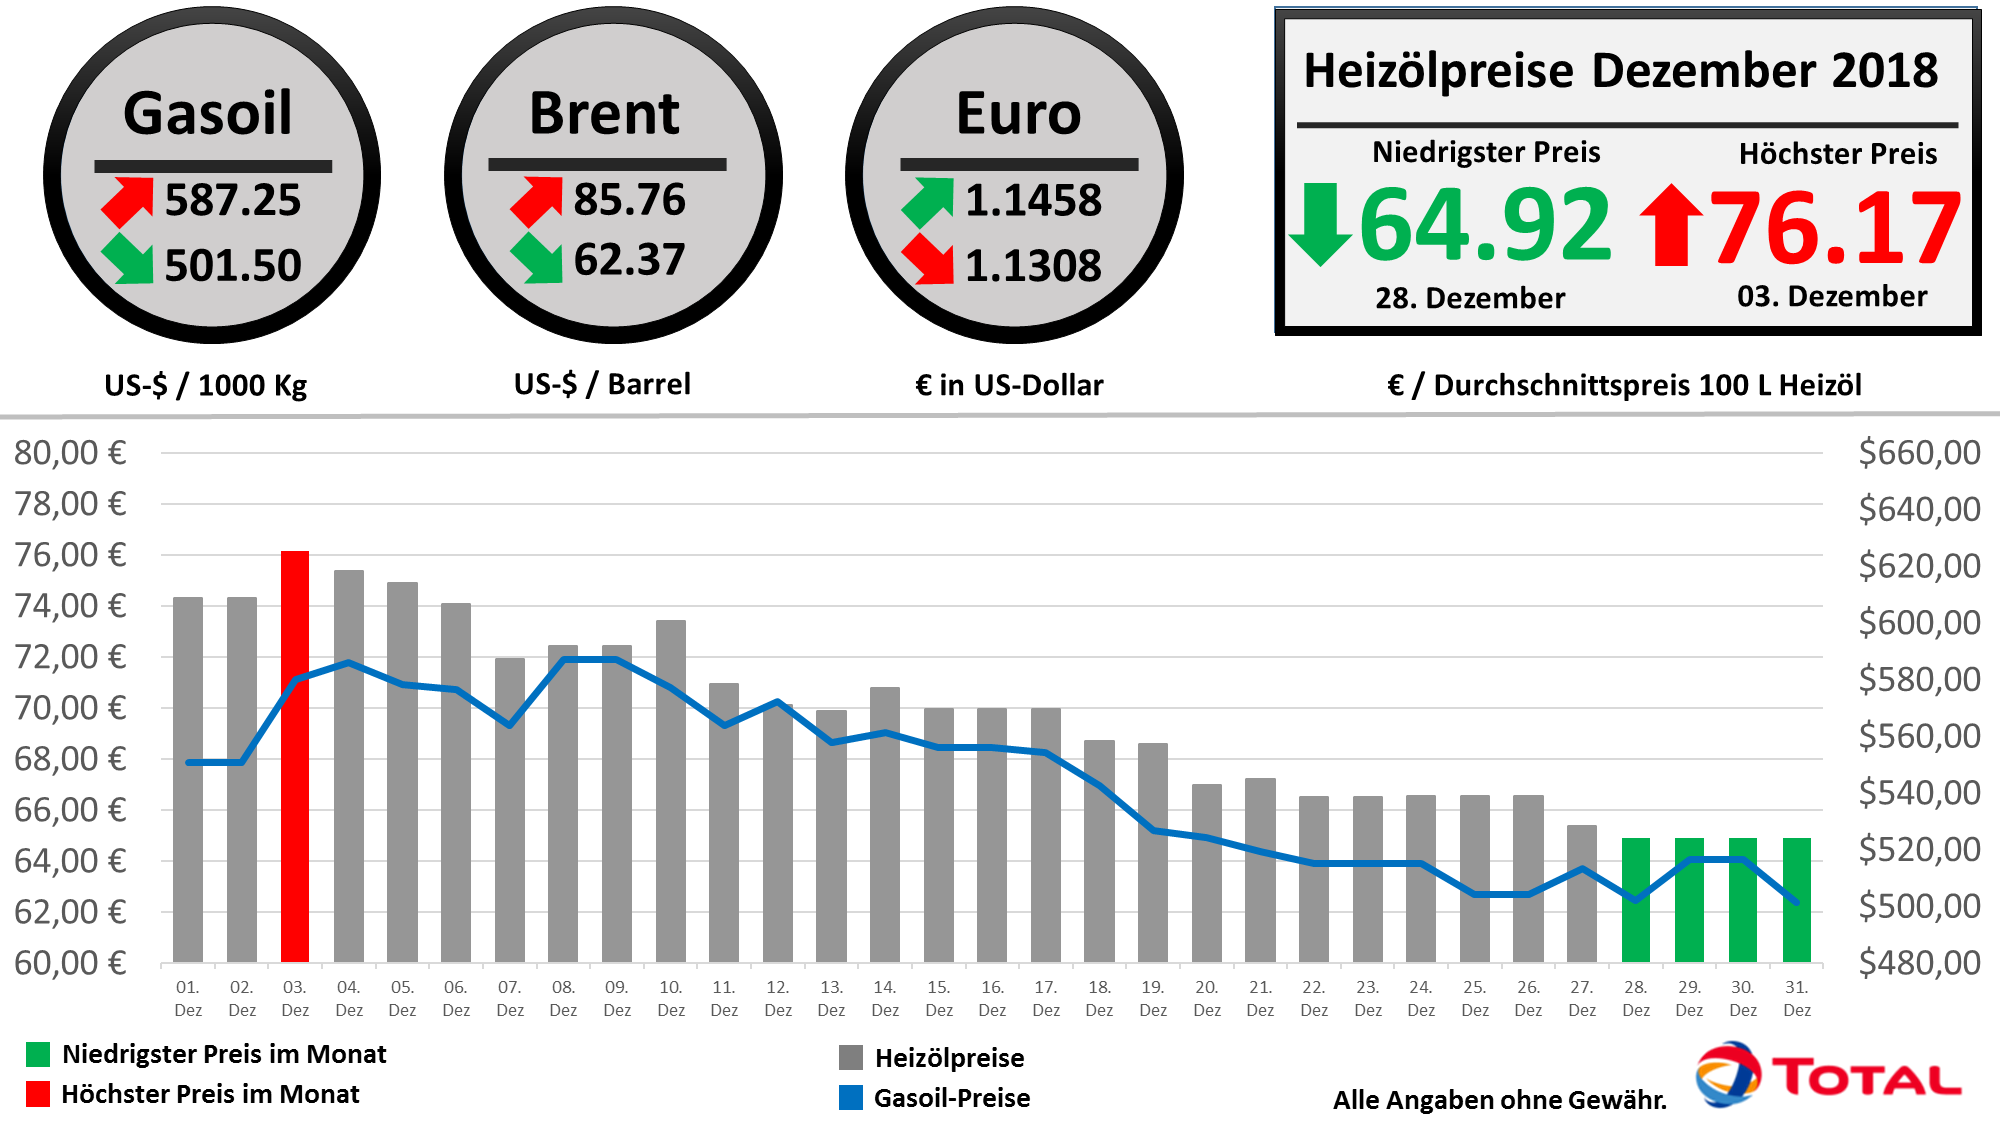 d323fca996 Monatsrückblick Dezember: Heizölpreise auf Talfahrt